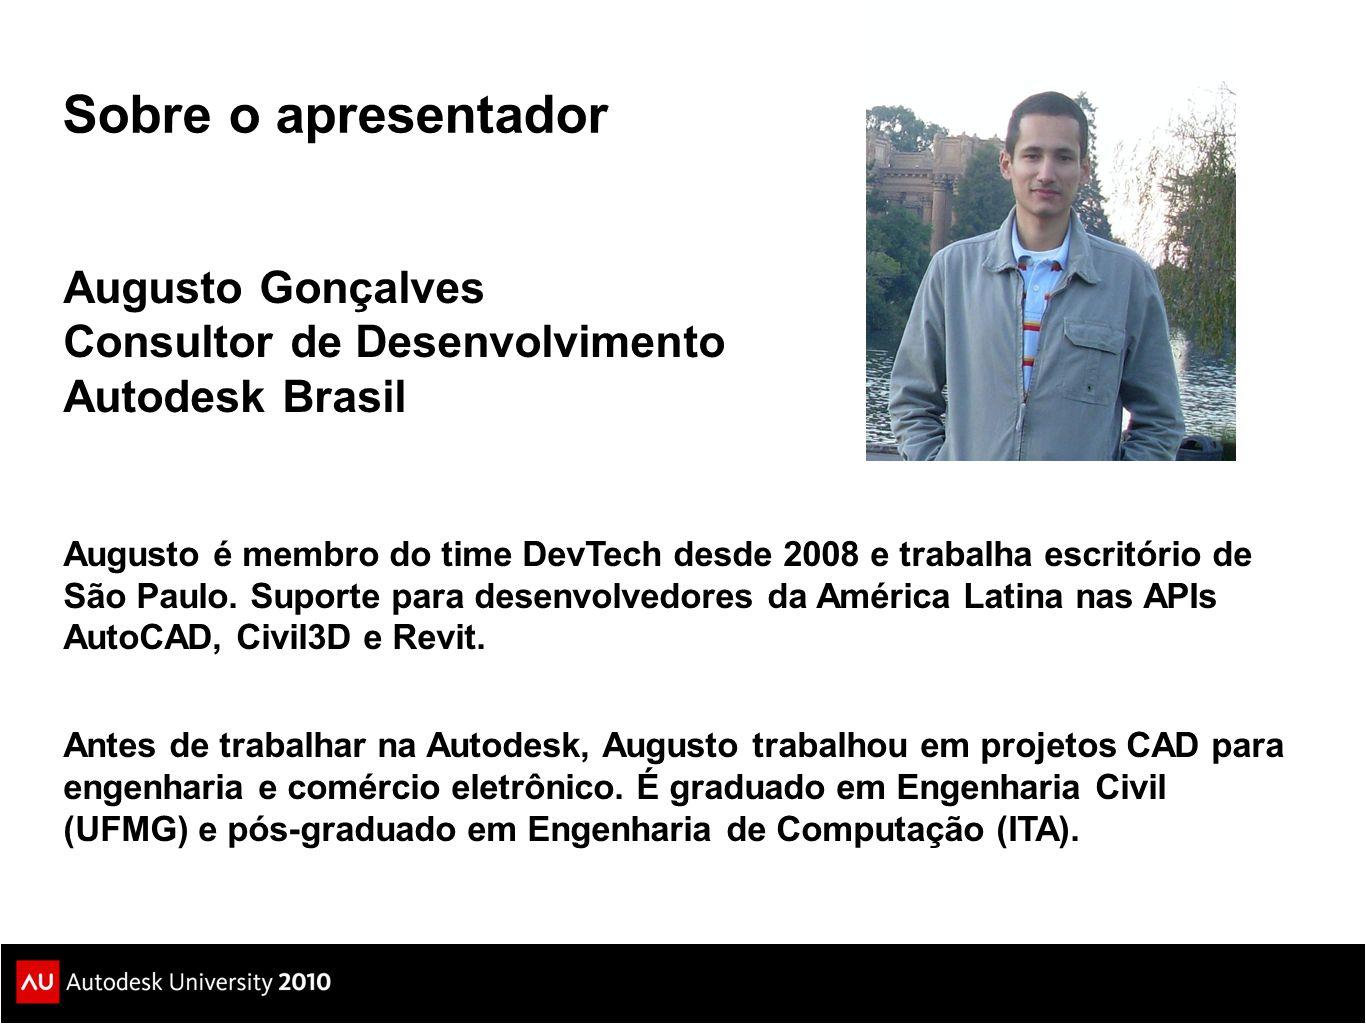 Augusto Gonçalves Consultor de Desenvolvimento Autodesk Brasil Augusto é membro do time DevTech desde 2008 e trabalha escritório de São Paulo.